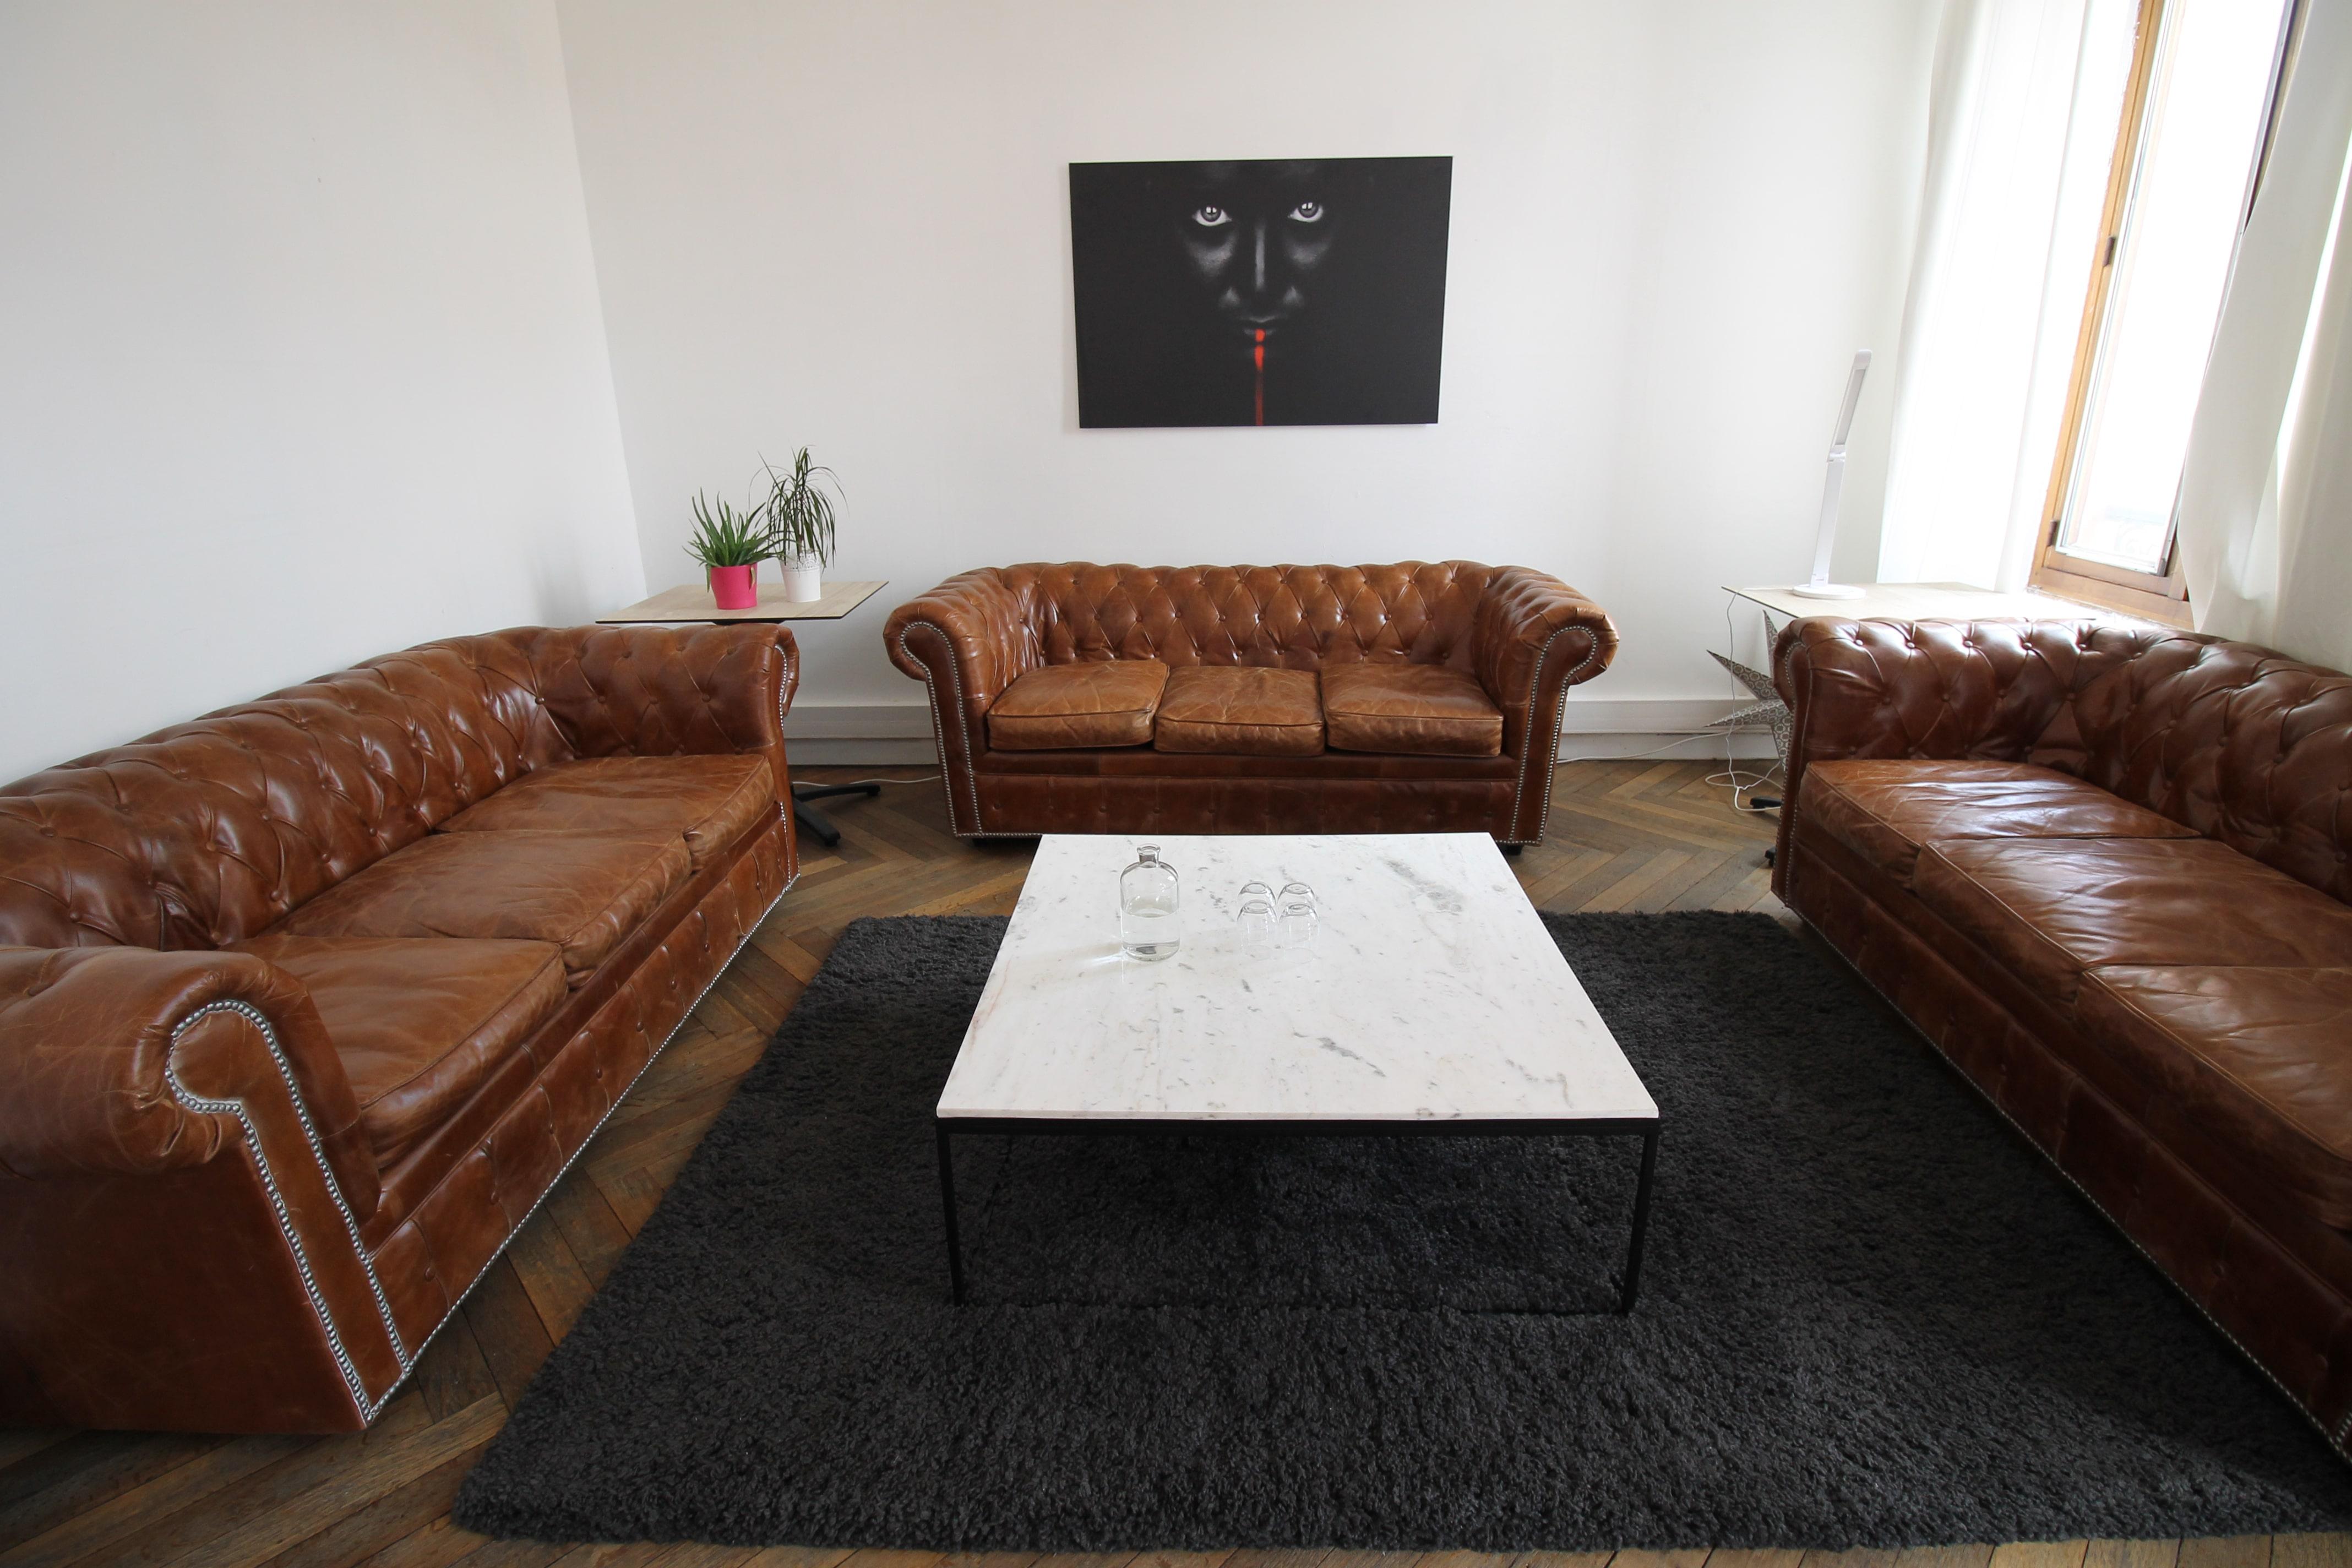 Le canapé dans le salon